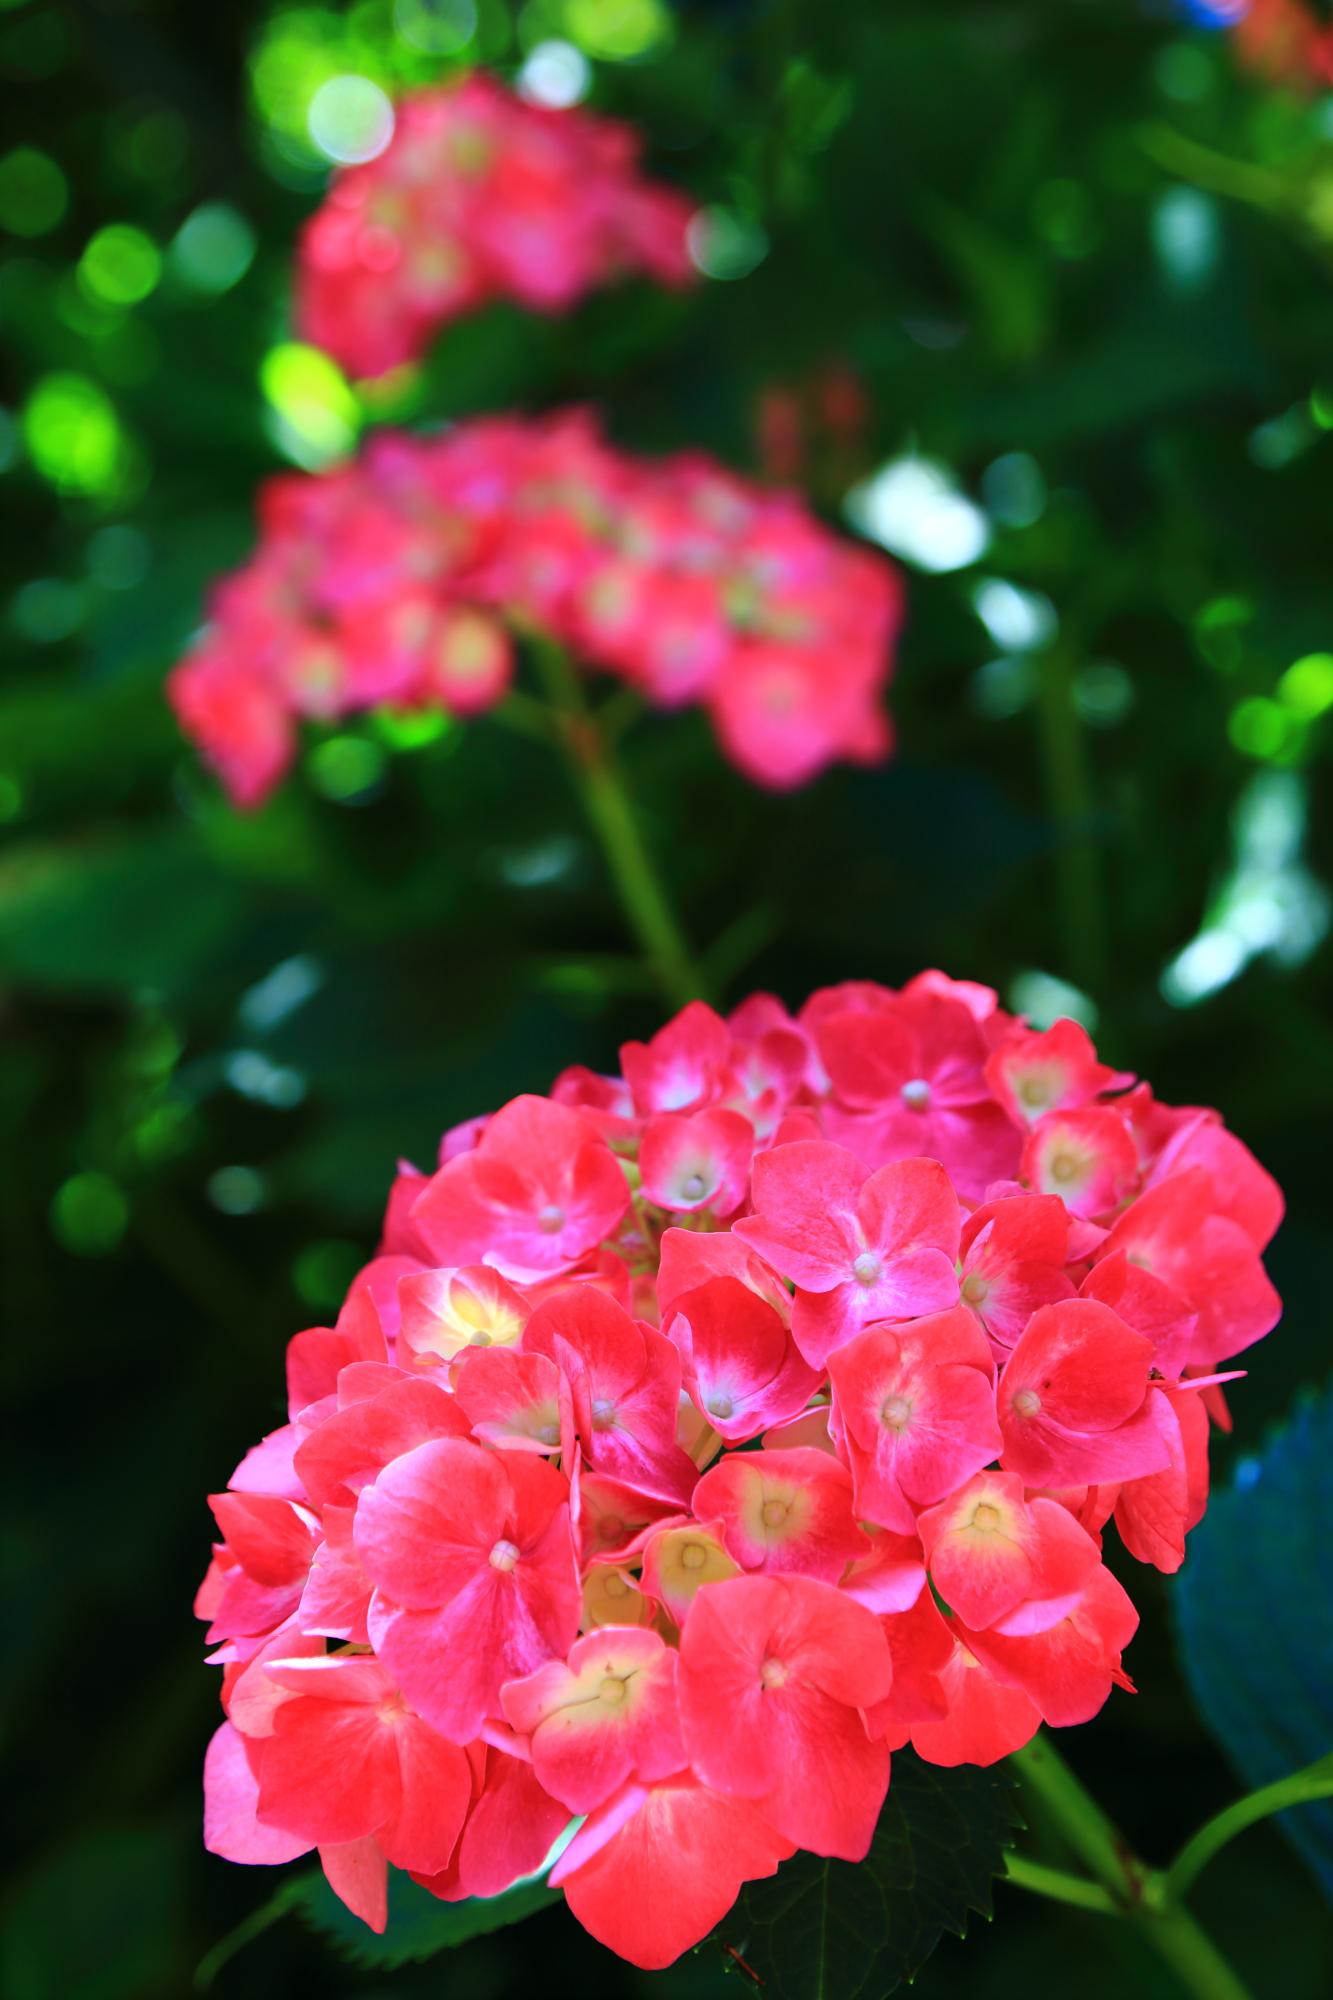 目を引くような華やかな朱色の紫陽花